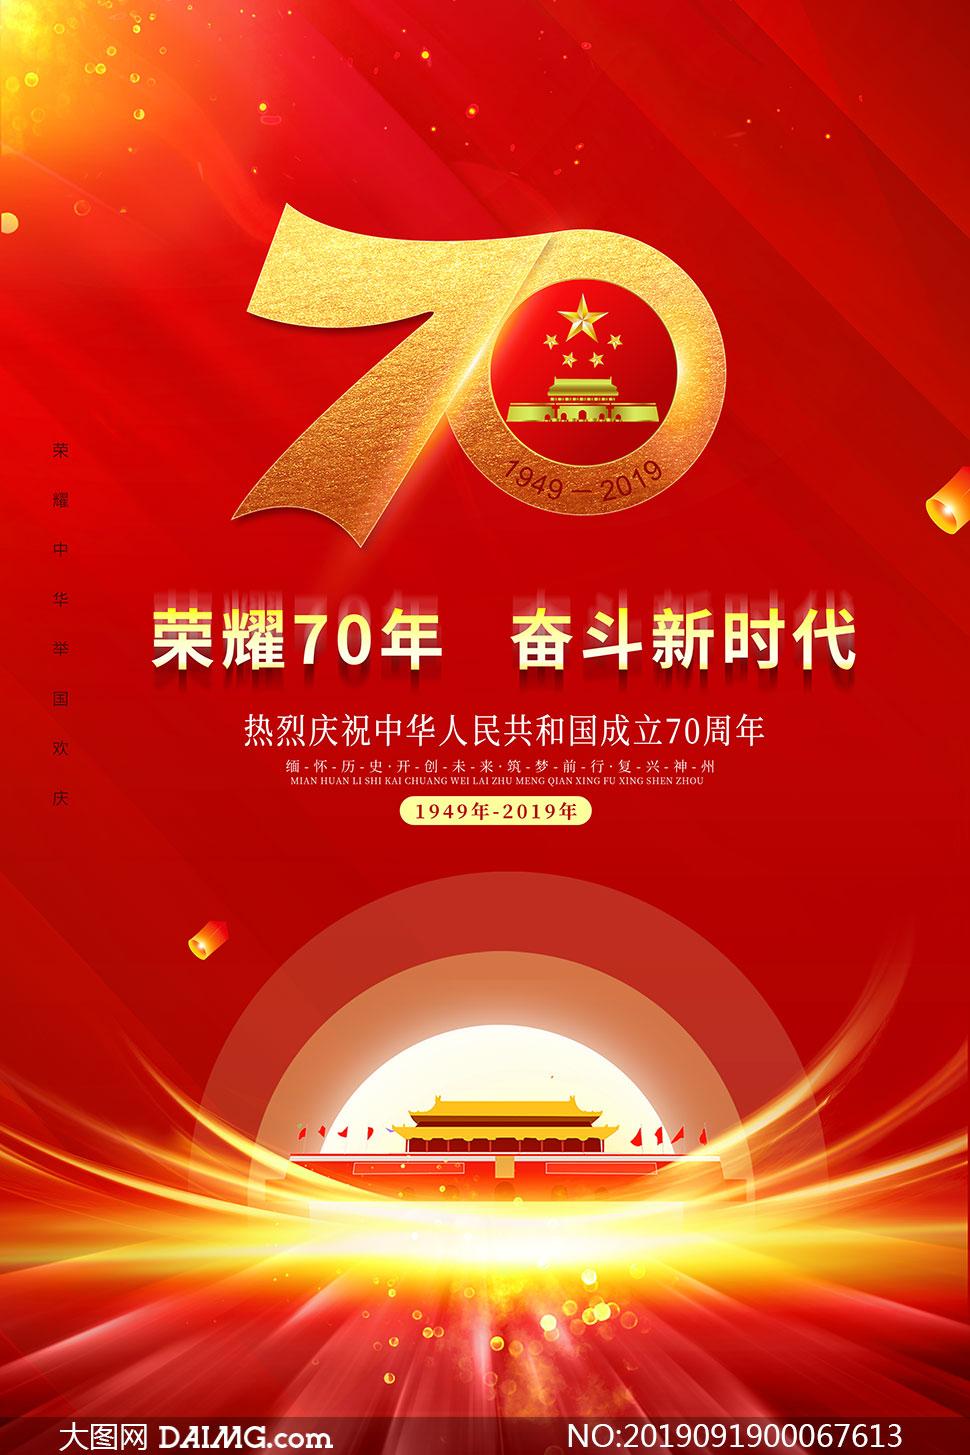 国庆节荣耀70年喜庆宣传单 澳门最大必赢赌场